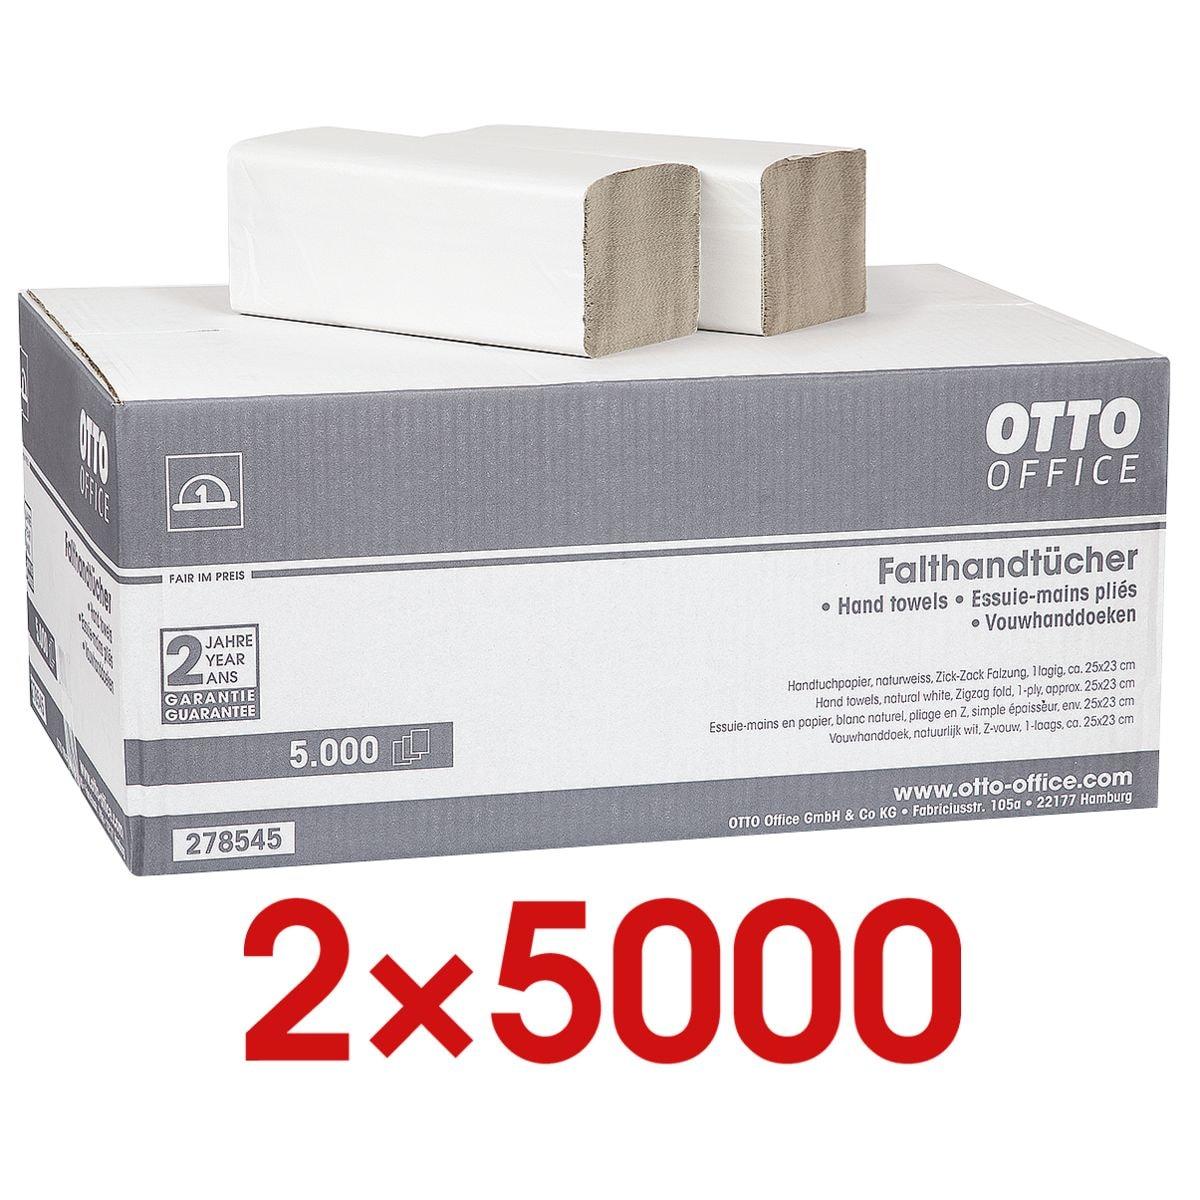 2x Essuie-mains en papier OTTO Office Budget Budget simple épaisseur, blanc nature, 25 cm x 23 cm de Papier recyclé avec pliage en Z - 10000 feuilles au total